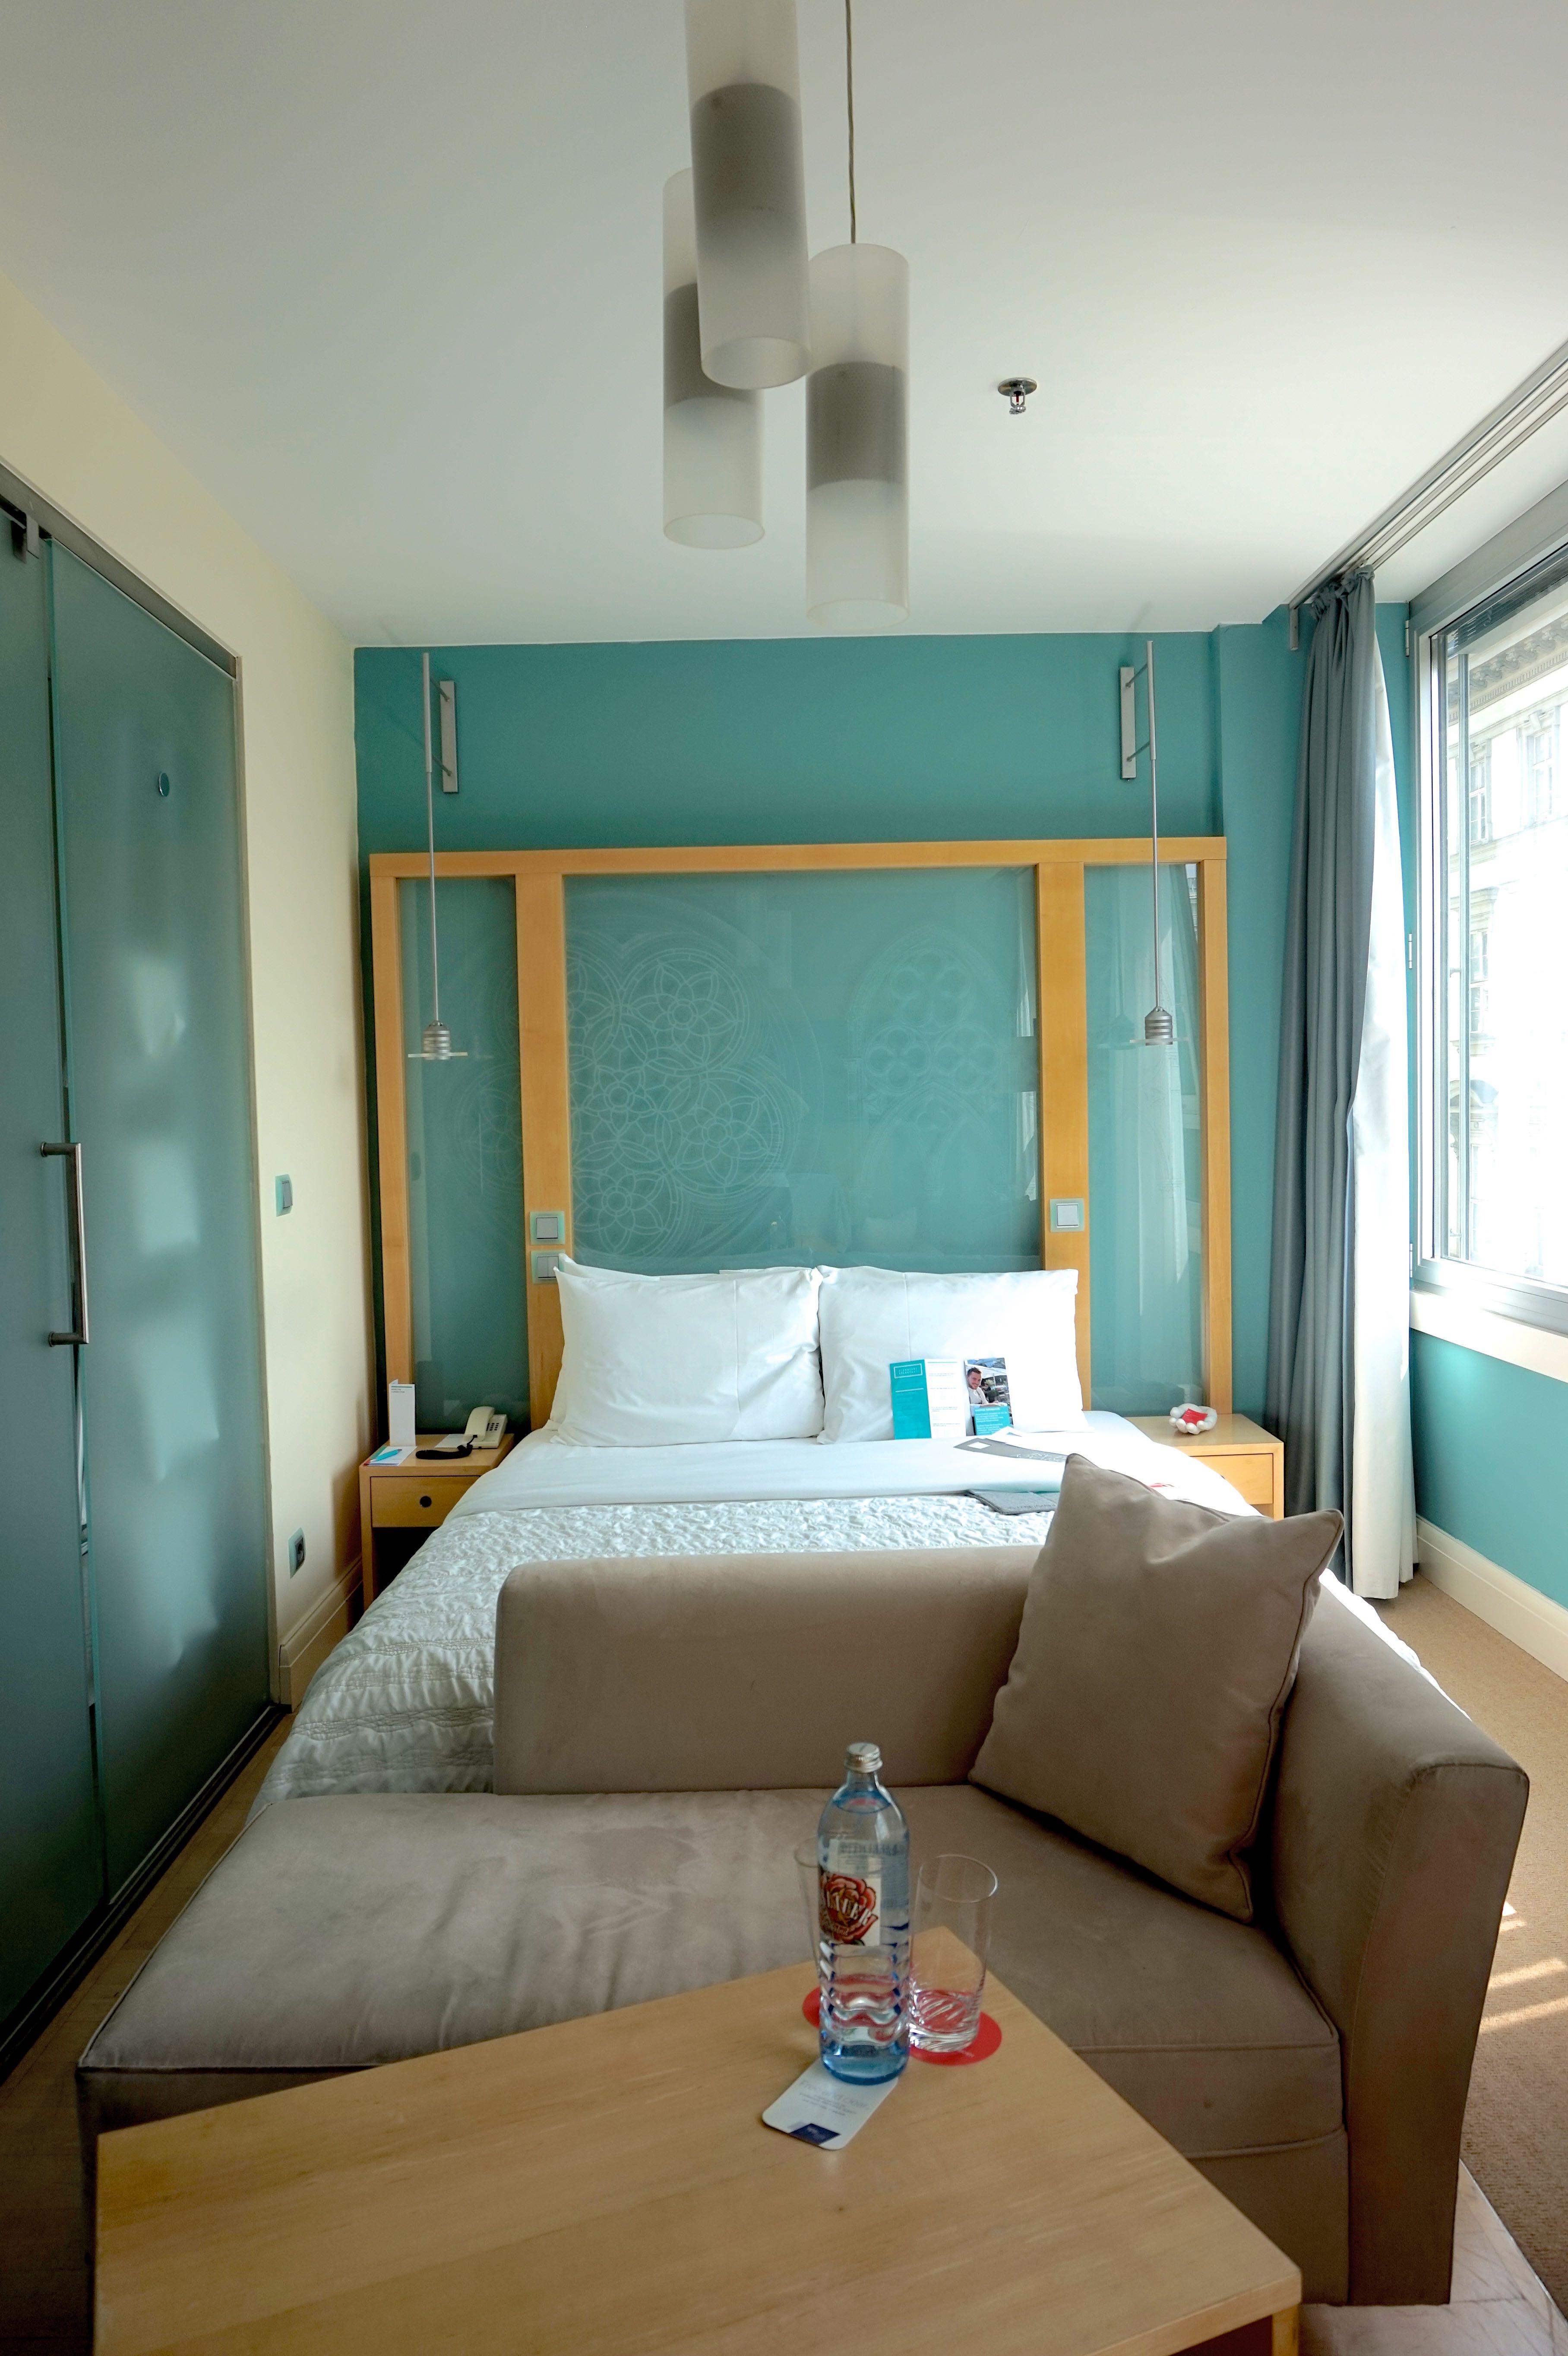 Le Meridien hotel vienna bedroom